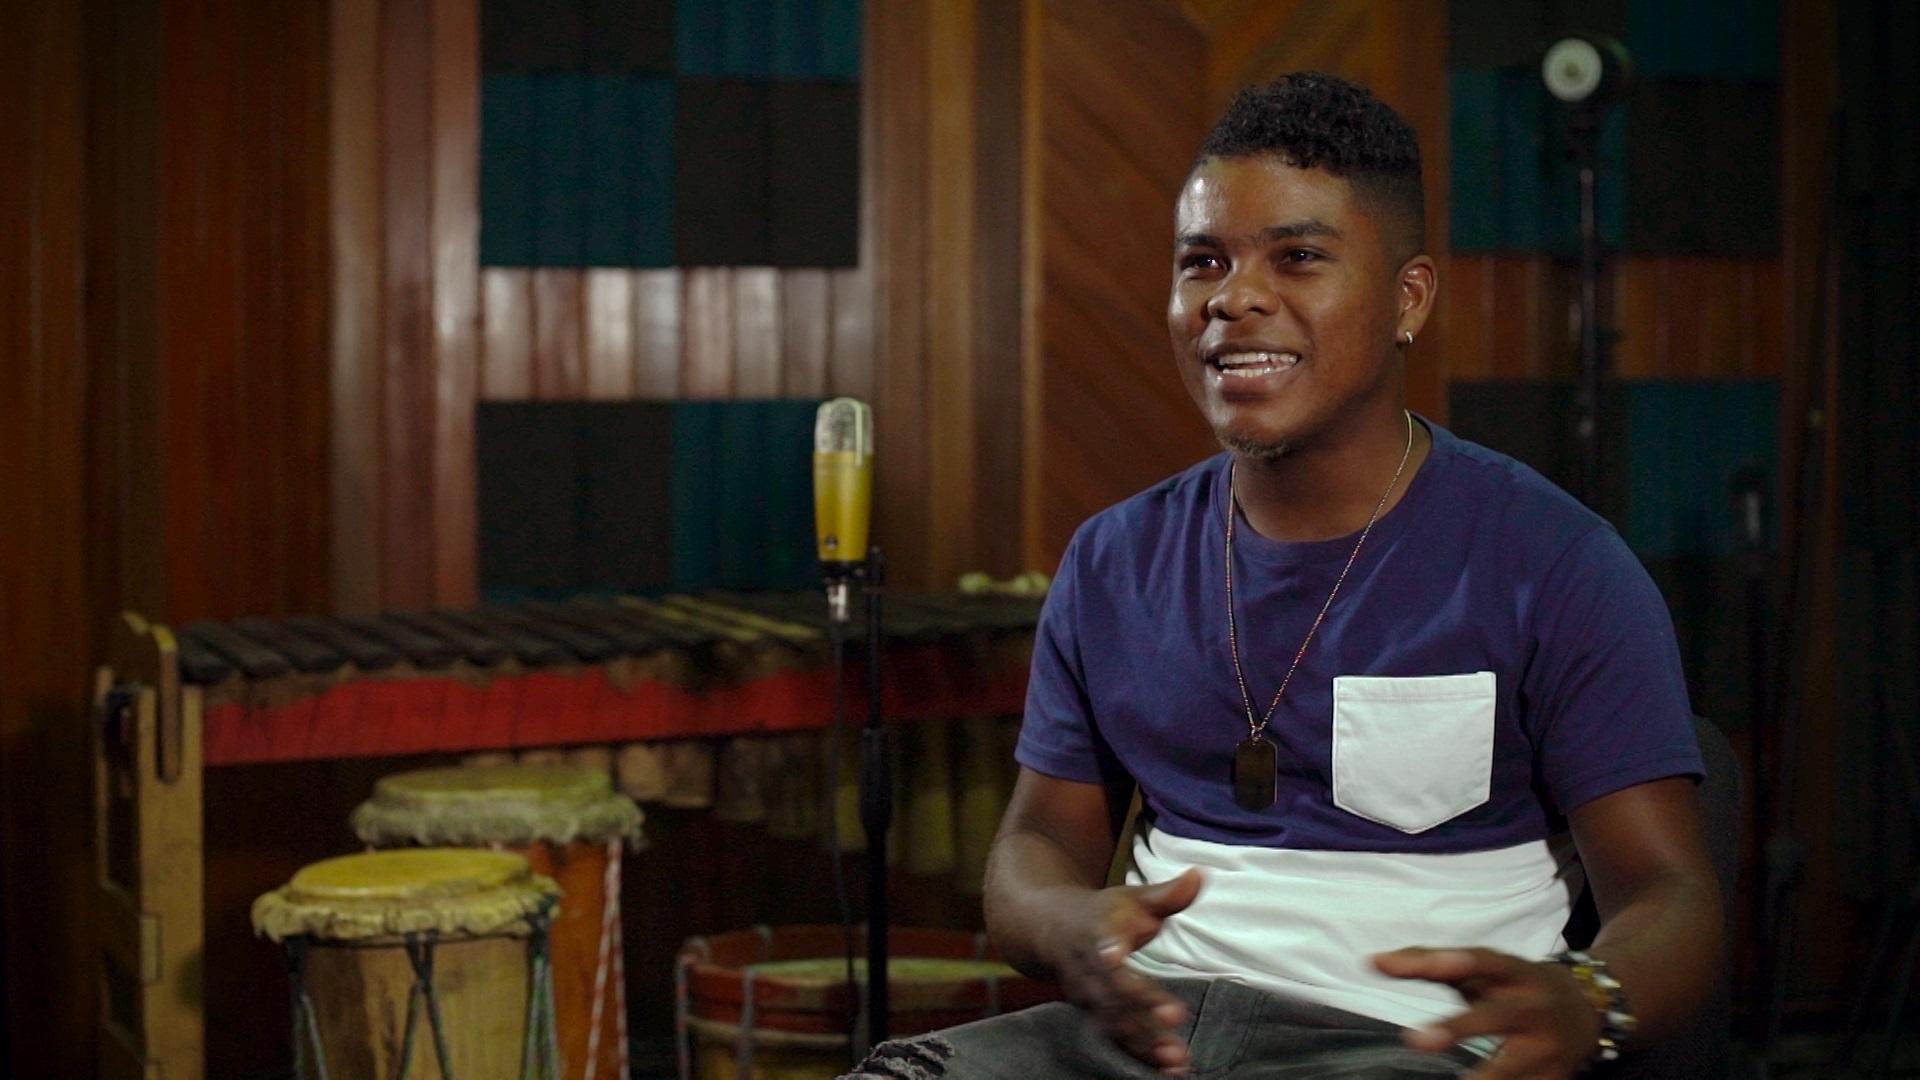 Andrés Micolta, productor e intérprete de salsa Choke, protagonista del documental La capital de la salsa choke